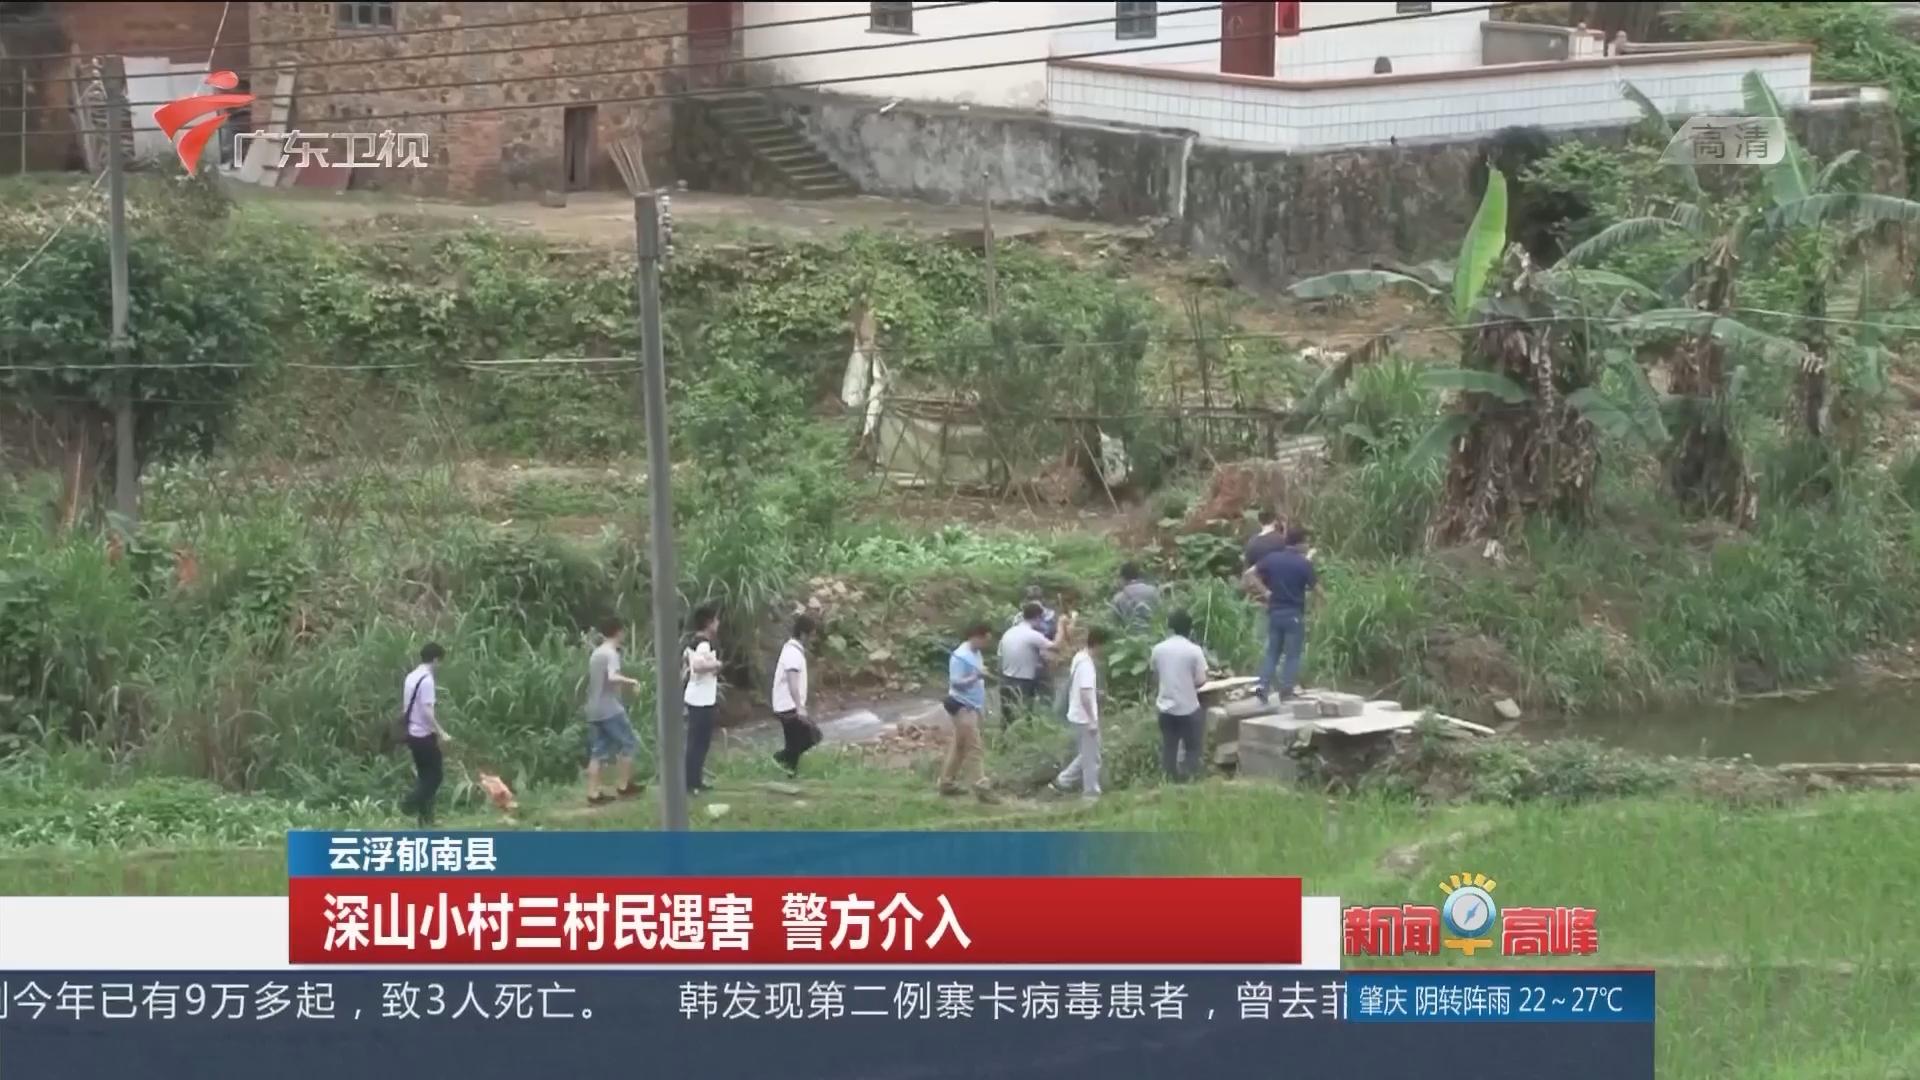 云浮郁南县:深山小村三村民遇害 警方介入